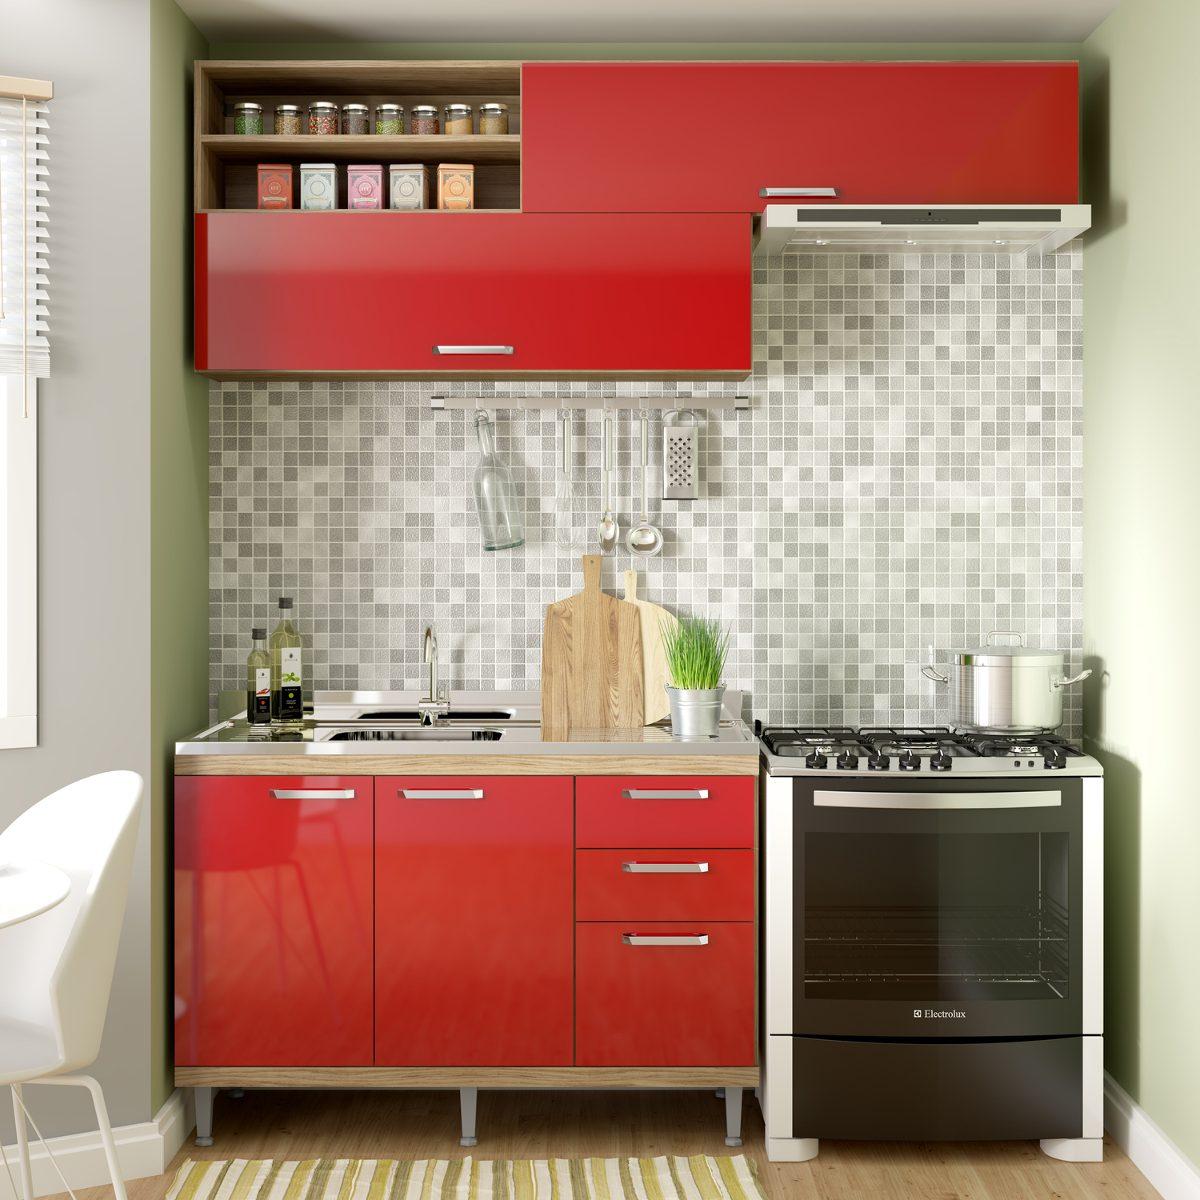 Cozinha Compacta Isis Siena M Veis Argila Vermelho Sca Jwt R 535